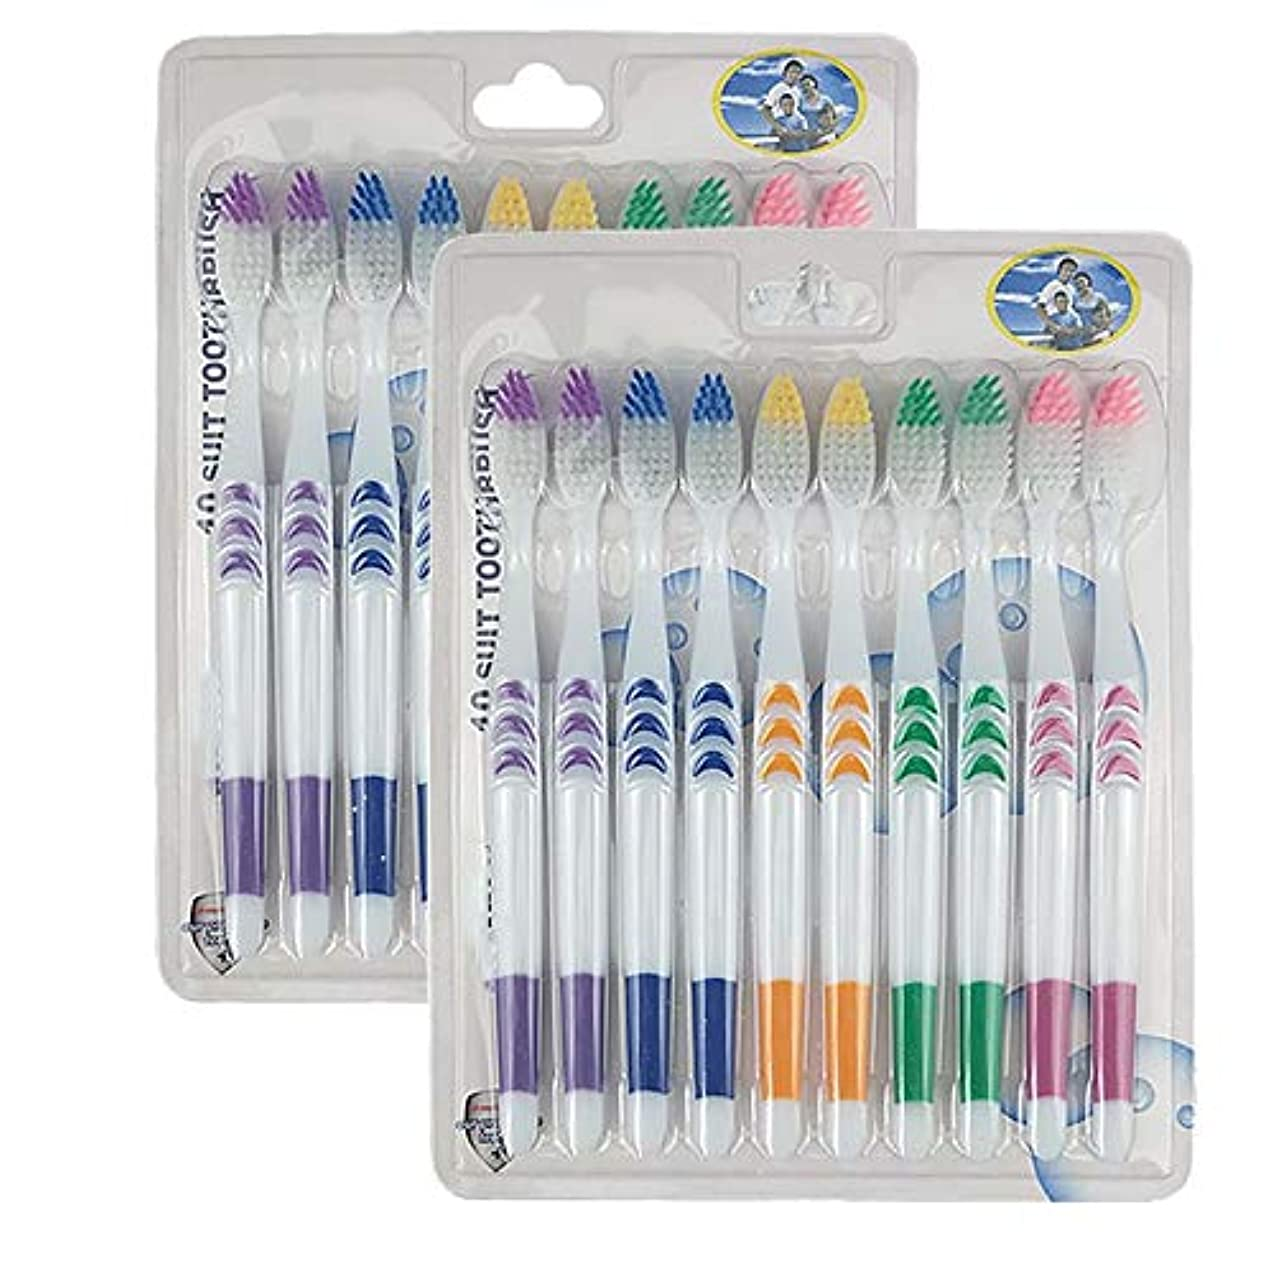 湿地スラック宅配便歯ブラシ 20パック歯ブラシ、竹炭歯ブラシ、大人歯ブラシ、歯茎をマッサージ - 使用可能なスタイルの3種類 HL (色 : A, サイズ : 20 packs)